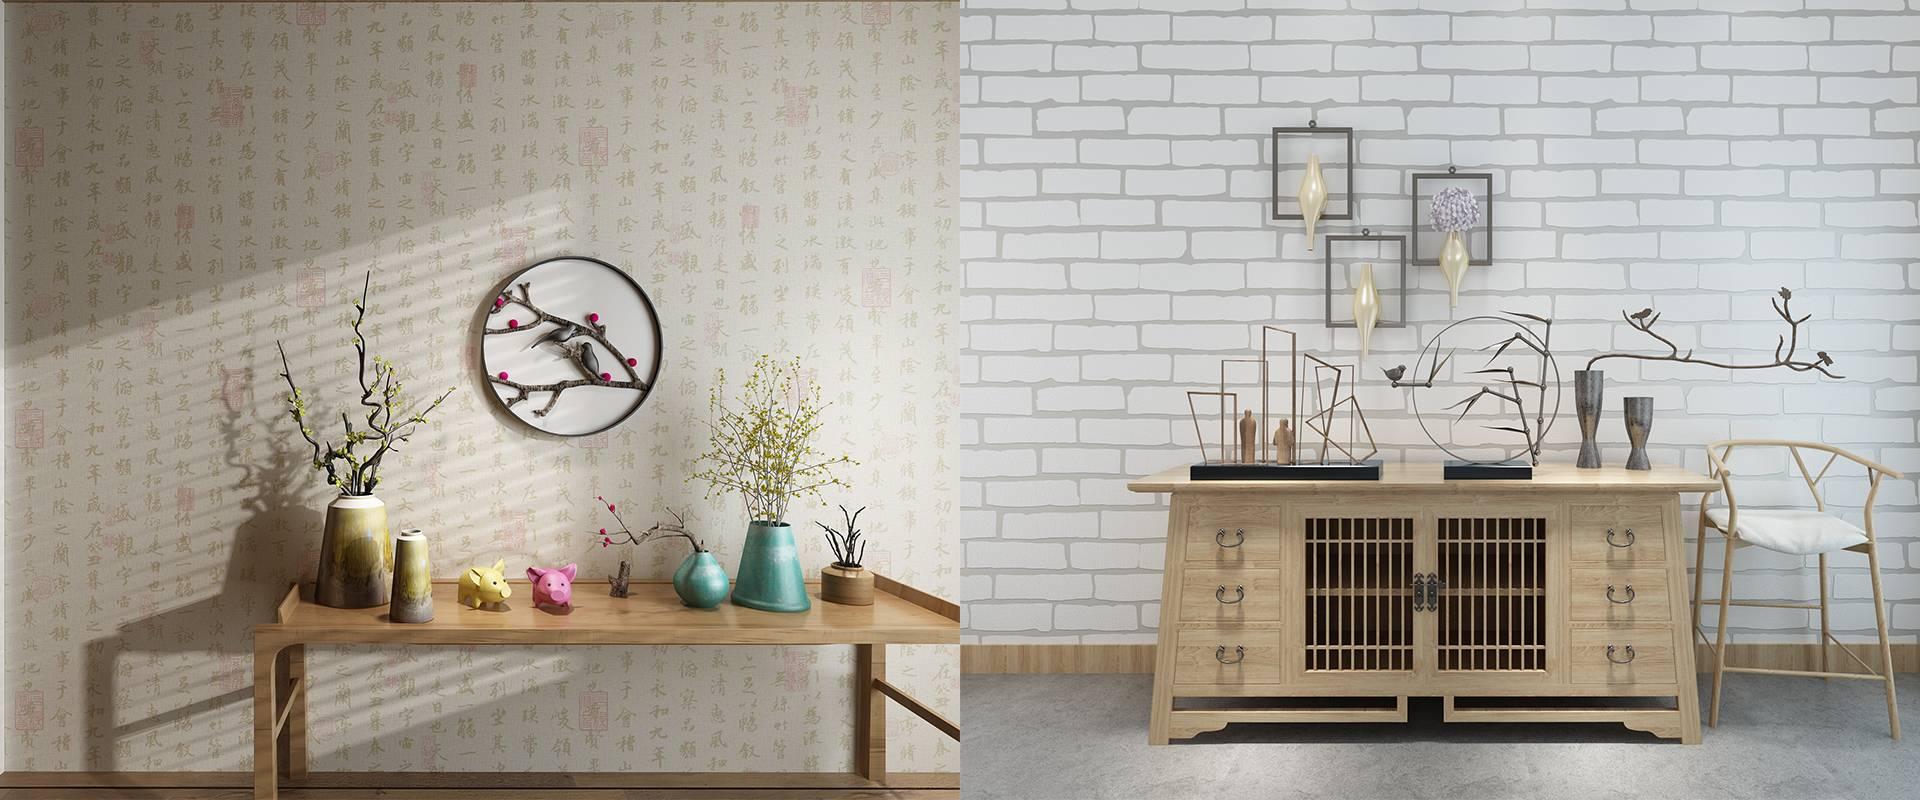 vinyl wallpaper wall covering